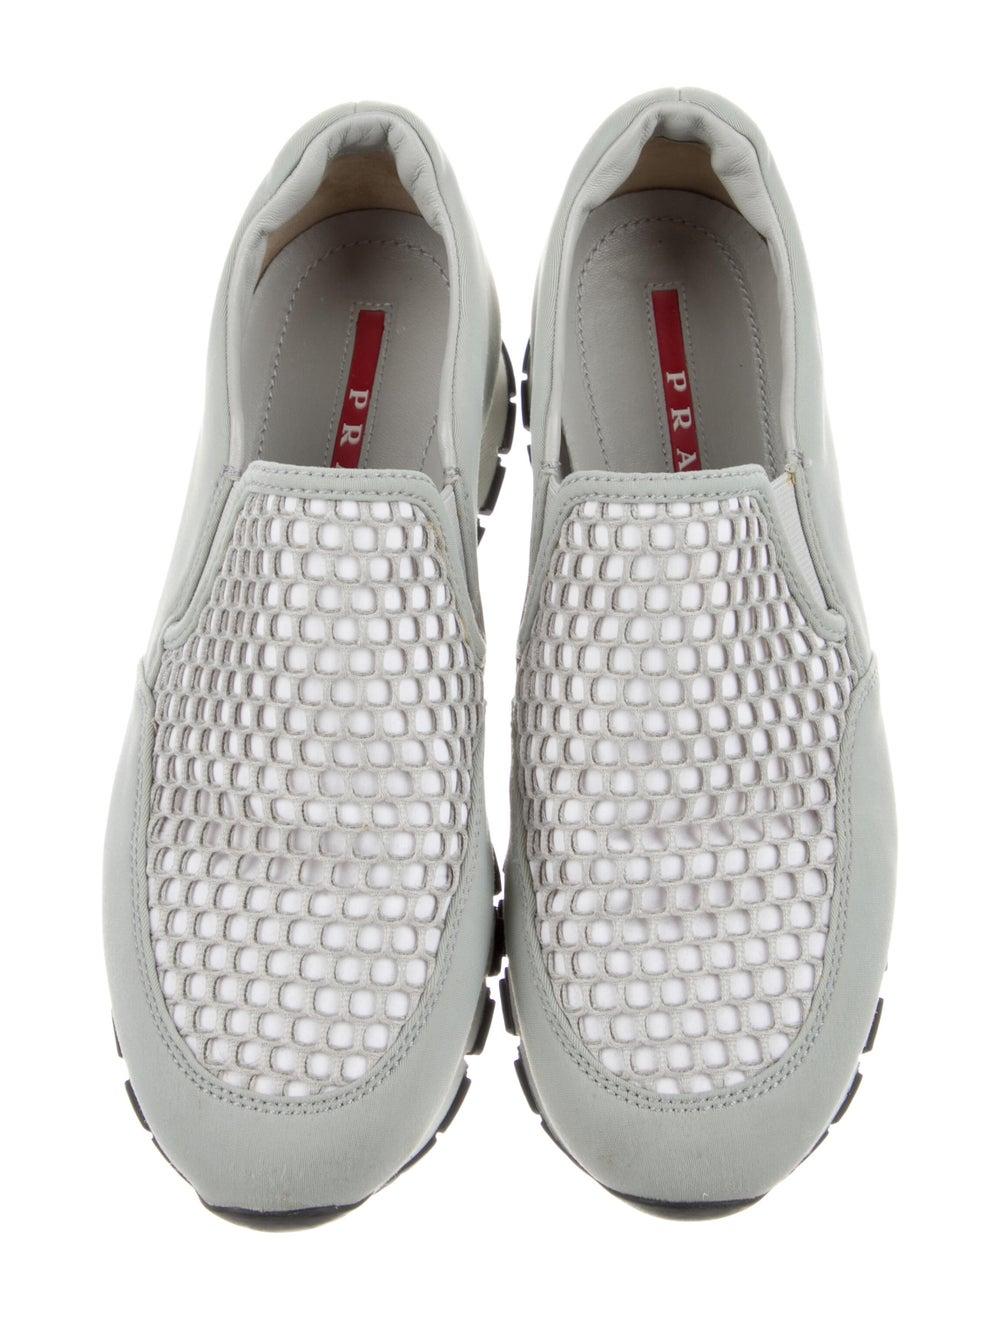 Prada Sneakers Grey - image 3